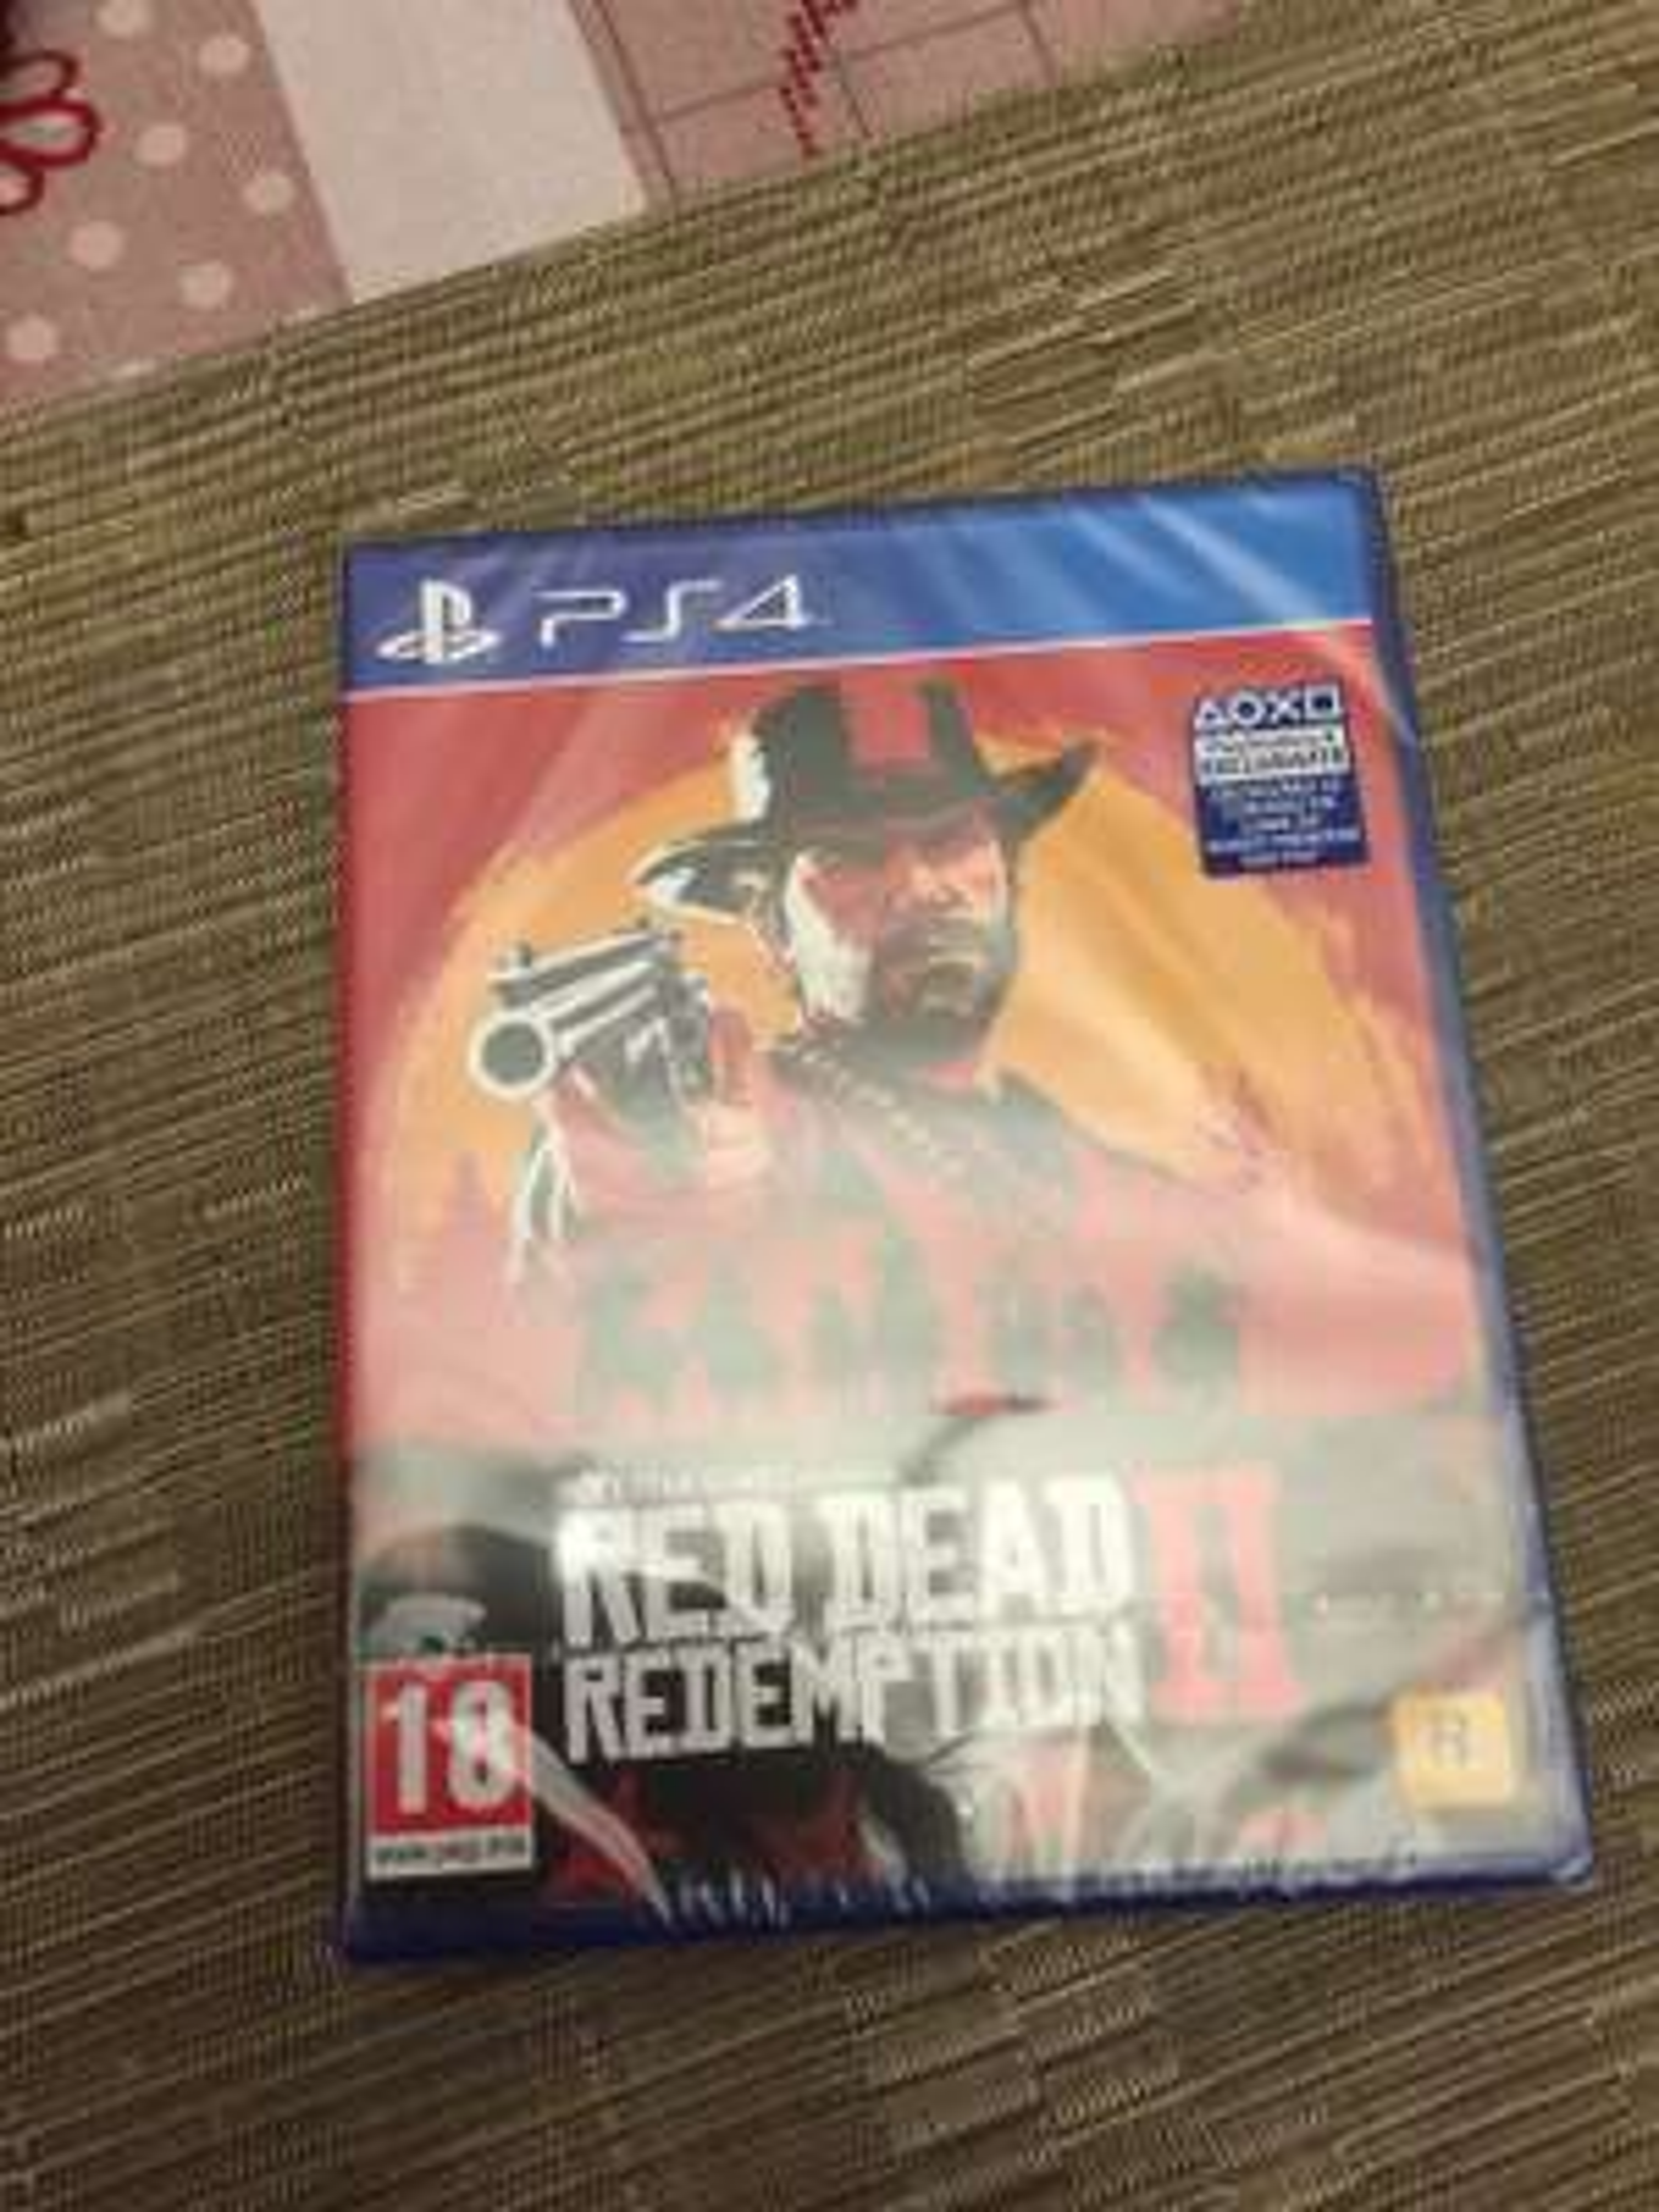 Jeu Red Dead Redemption 2 sur PS4 (via 30€ sur la carte fidélité) à Bethune (62)